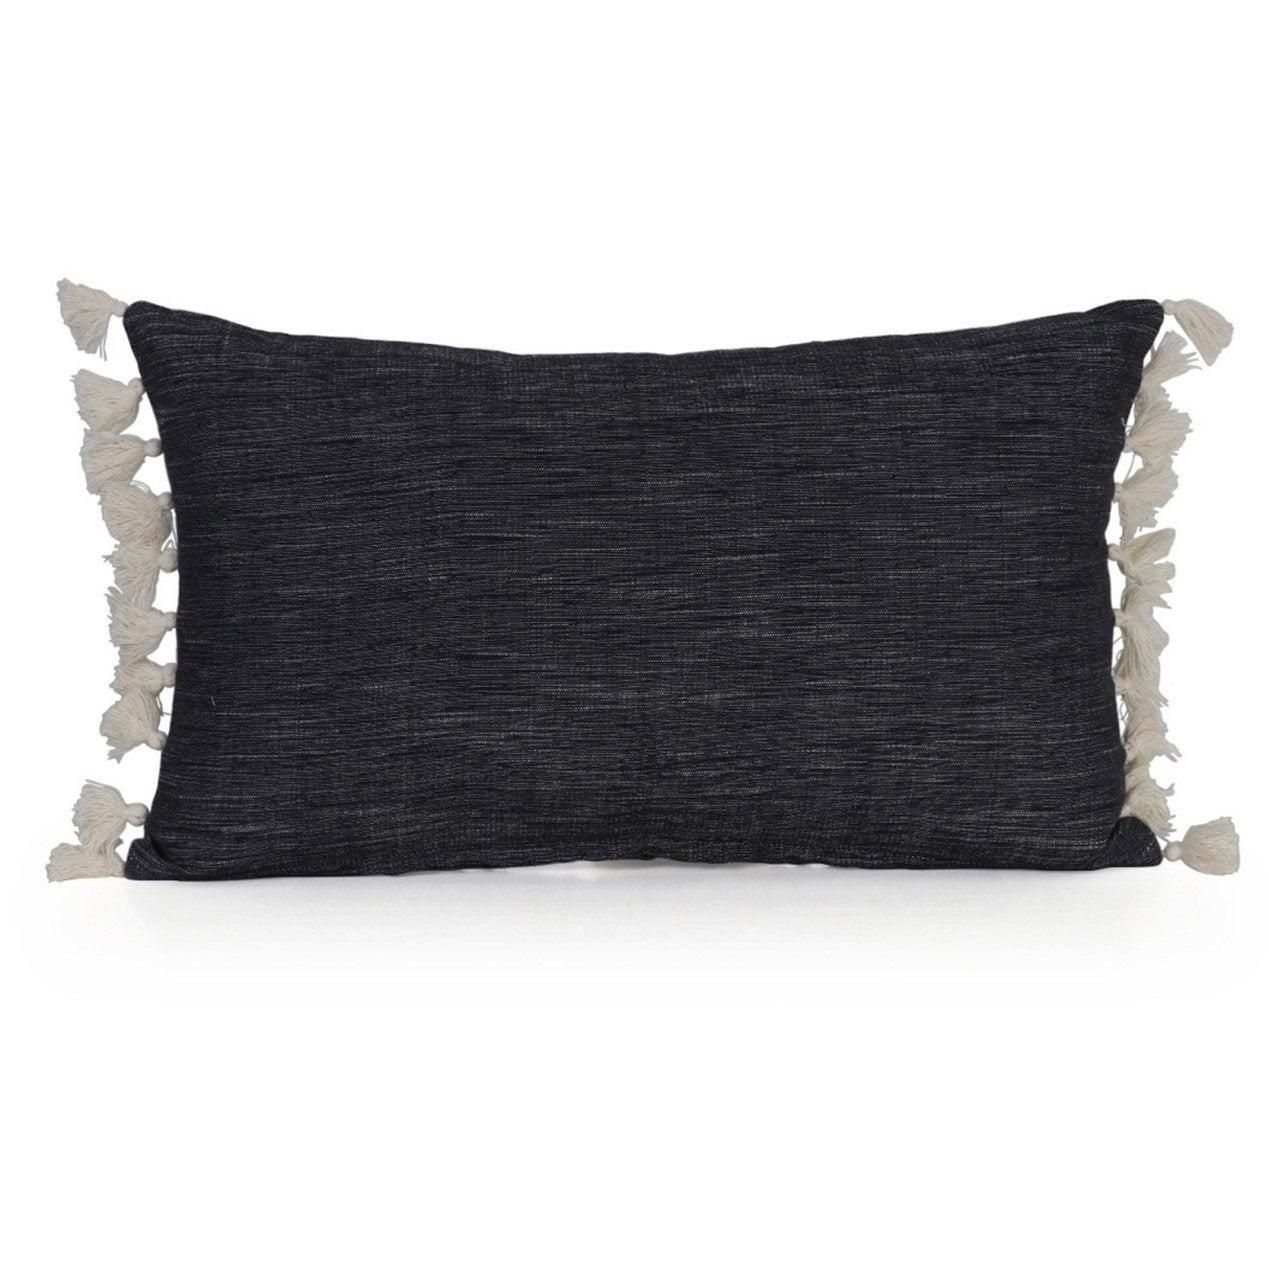 Coussin Chino INSPIRE, noir l.50 x H.30 cm